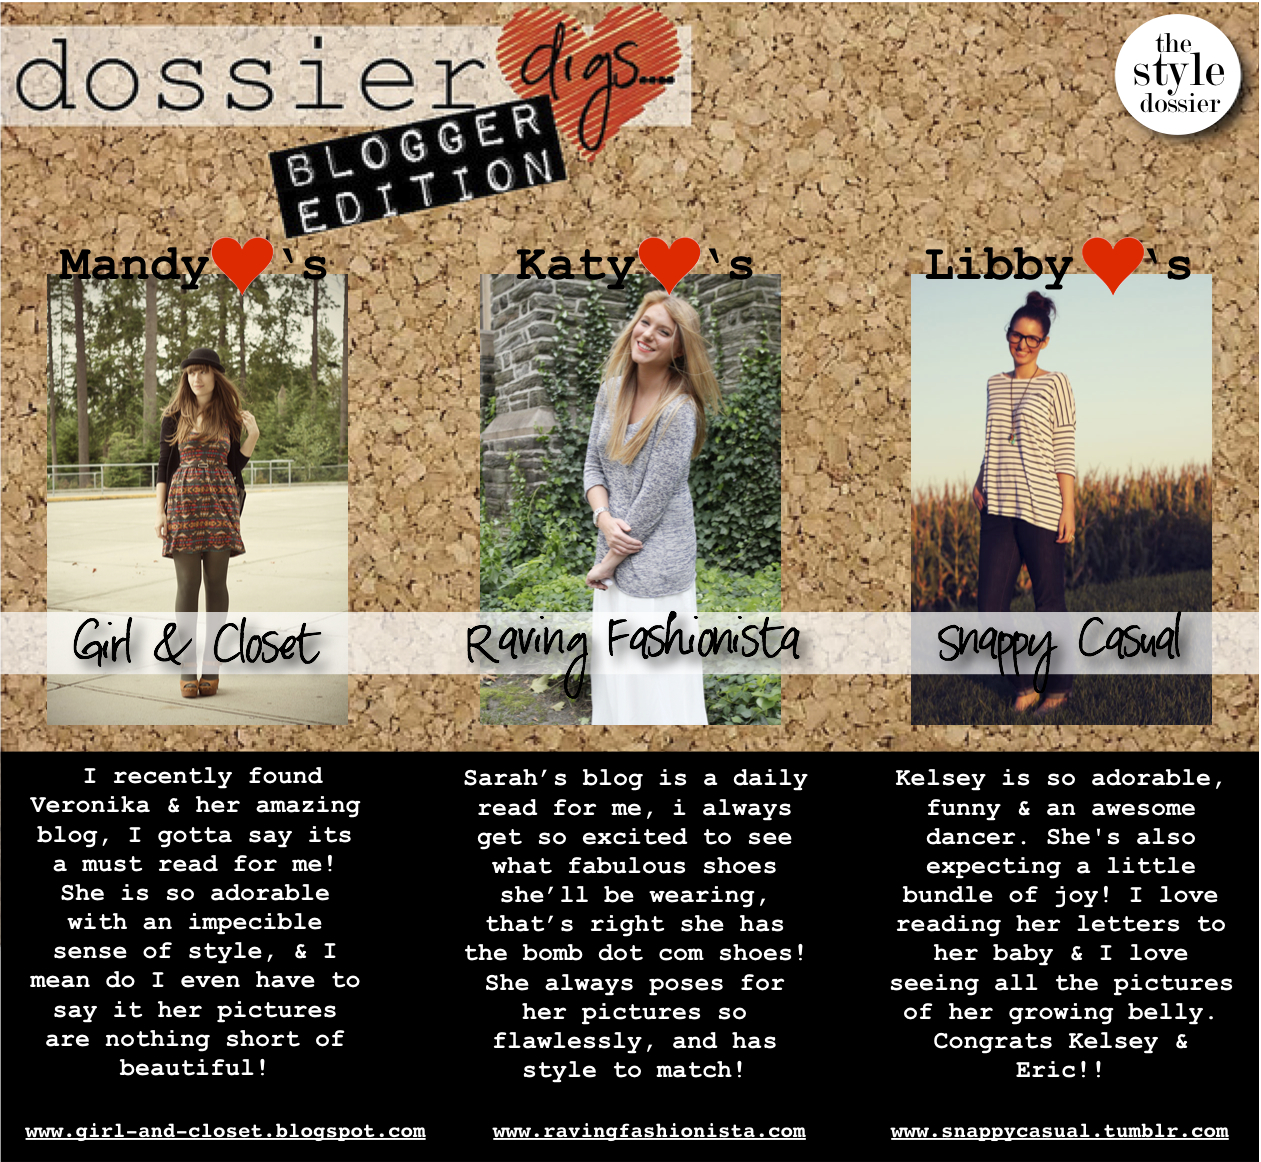 bloggeredition